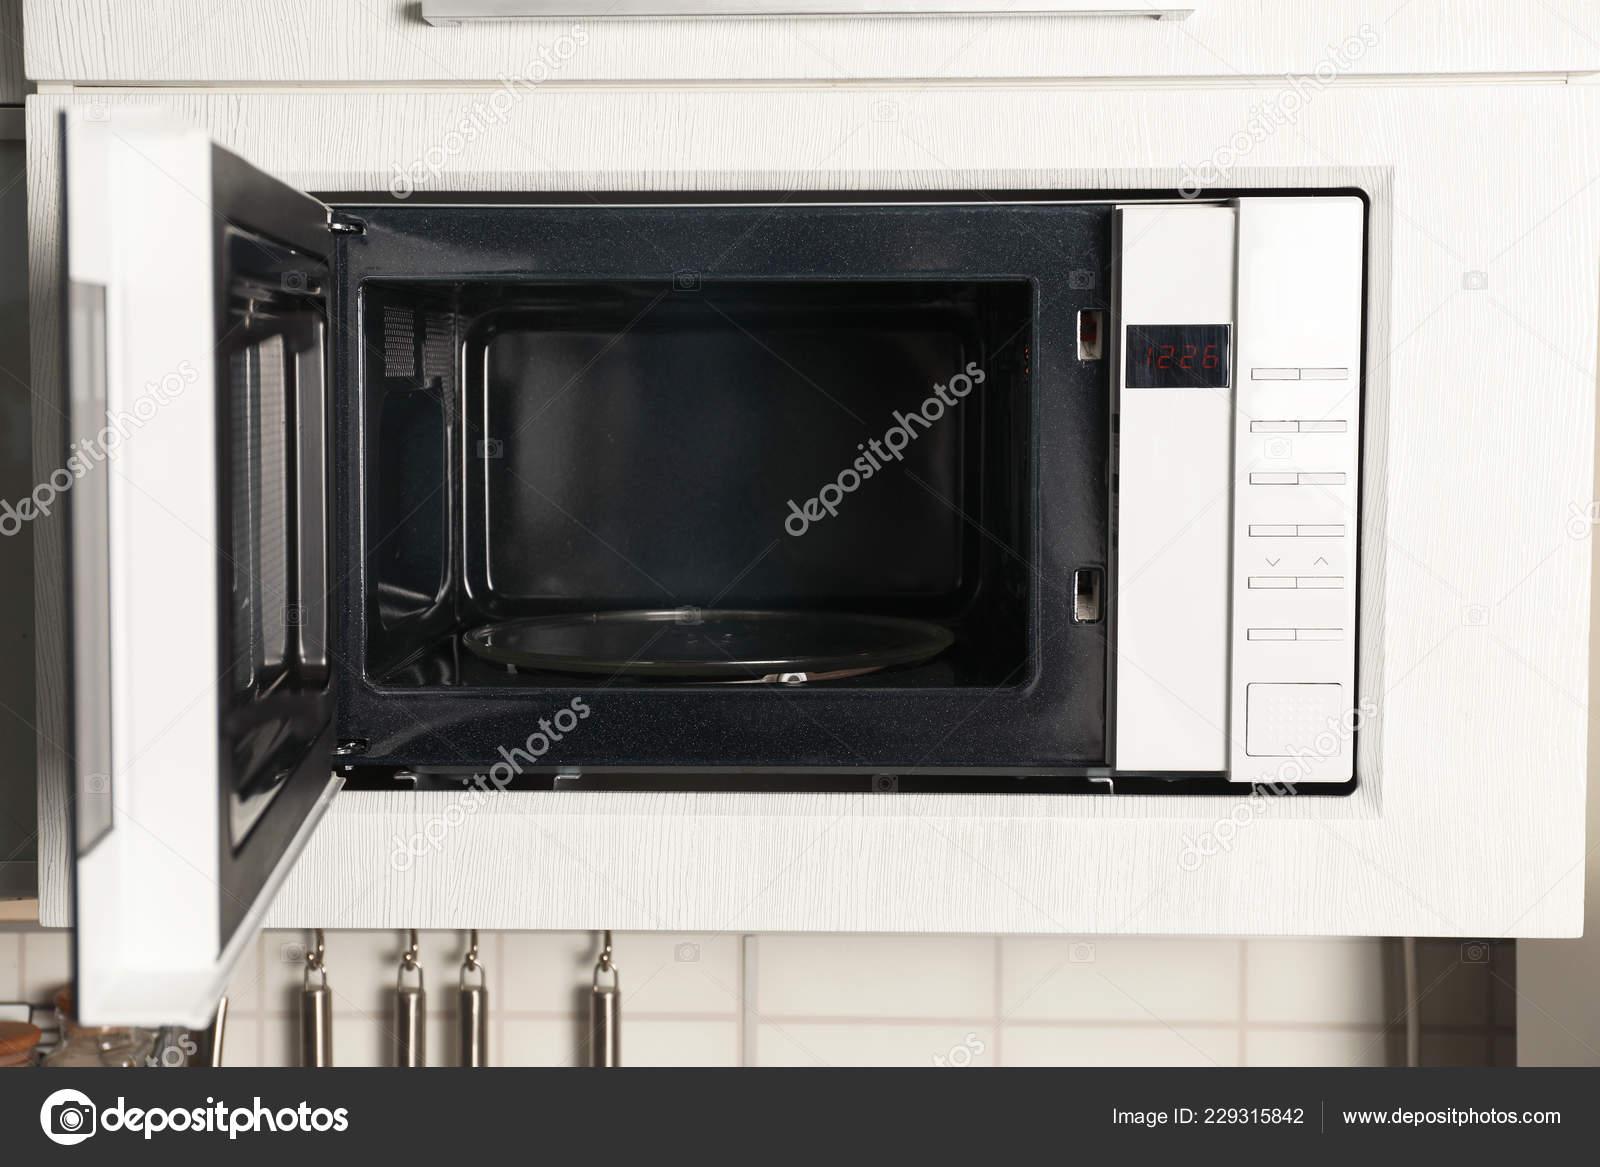 Moderno Microondas Horno Construido Muebles Cocina — Foto de ...